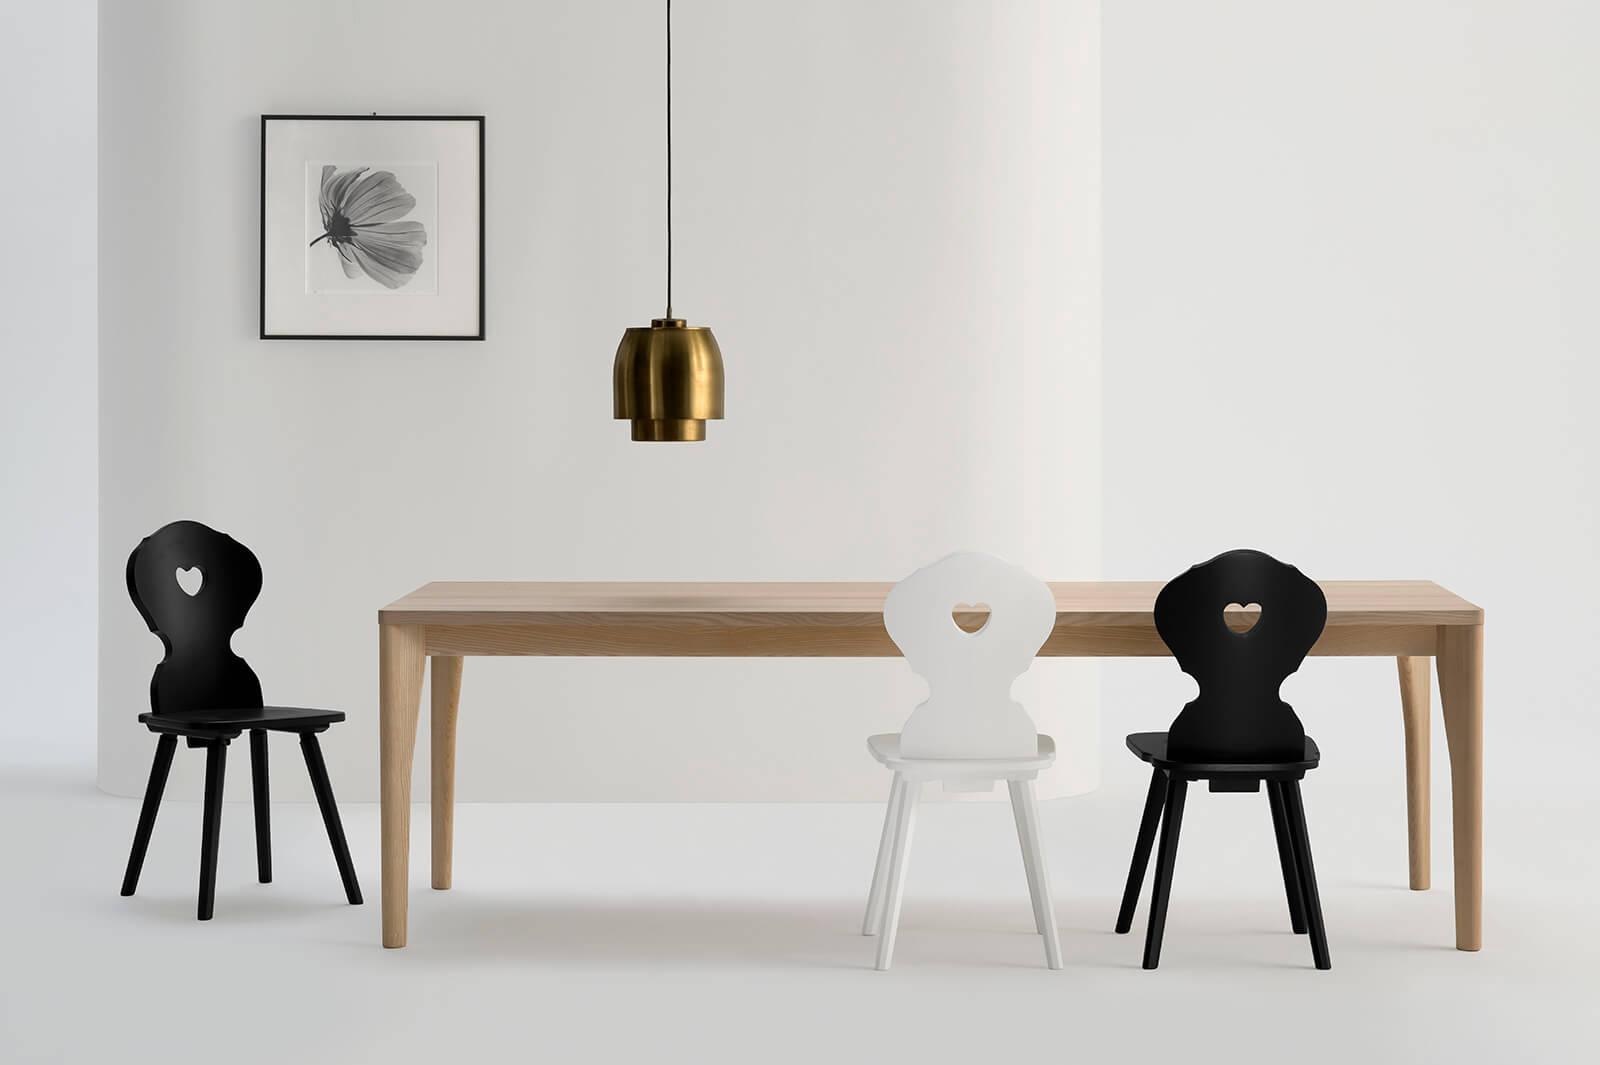 Sipa produzione sedie e tavoli in legno a Premariacco, Udine